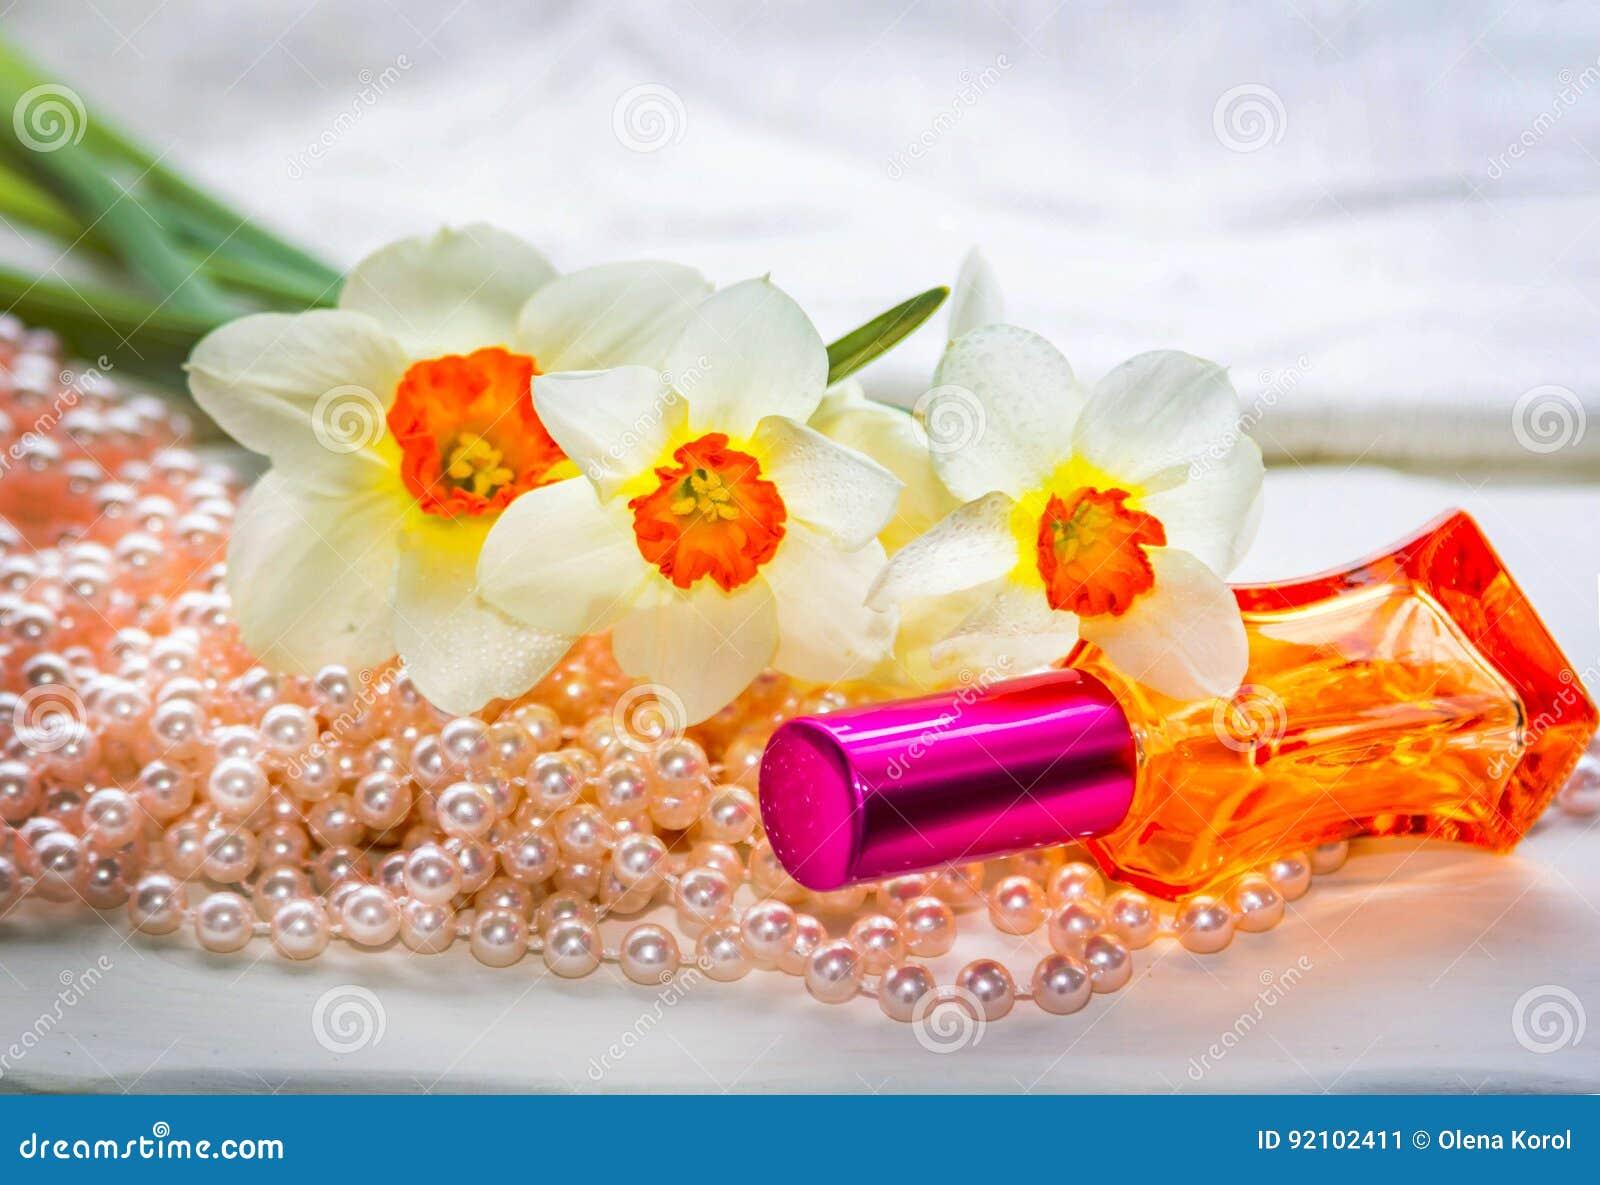 Κόκκινο μπουκάλι αρώματος γυαλιού, χάντρες μαργαριταριών και daffodil λουλούδια